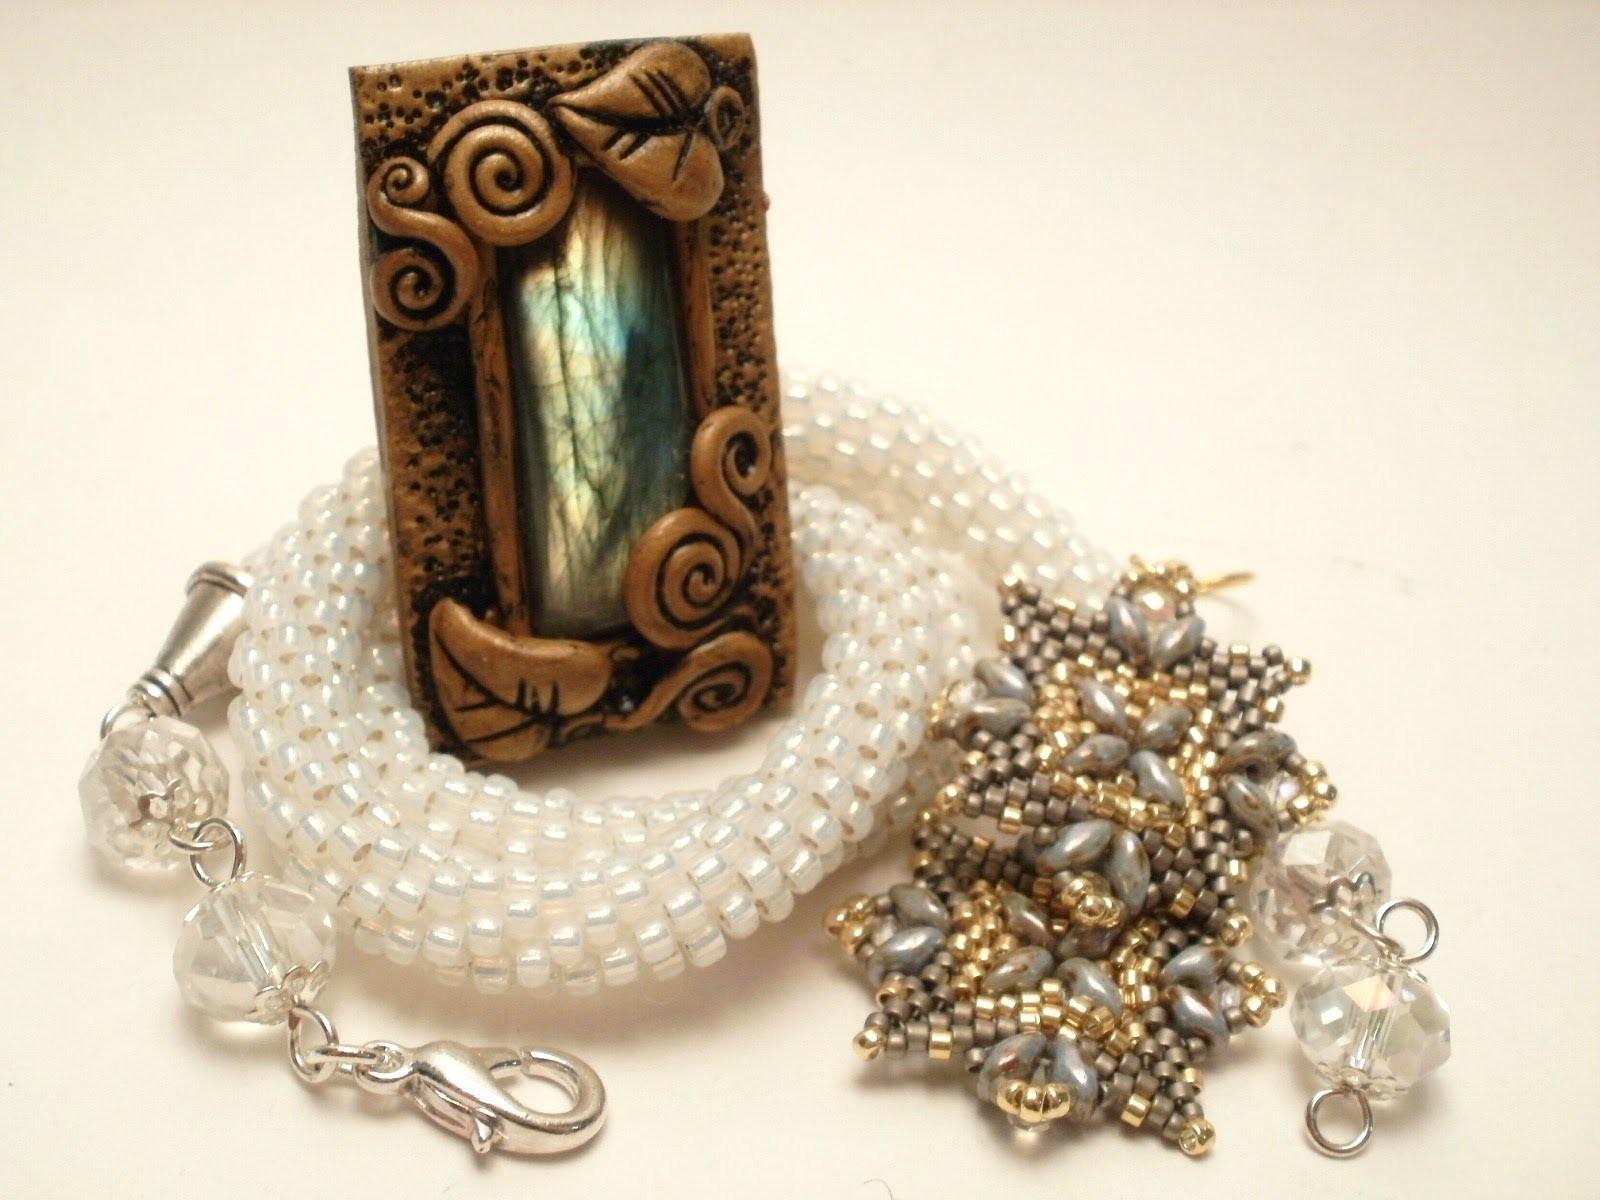 Nuove creazioni Crochet da sposa e ciondoli in fimo | Bridal jewelry and polymerclay pendant